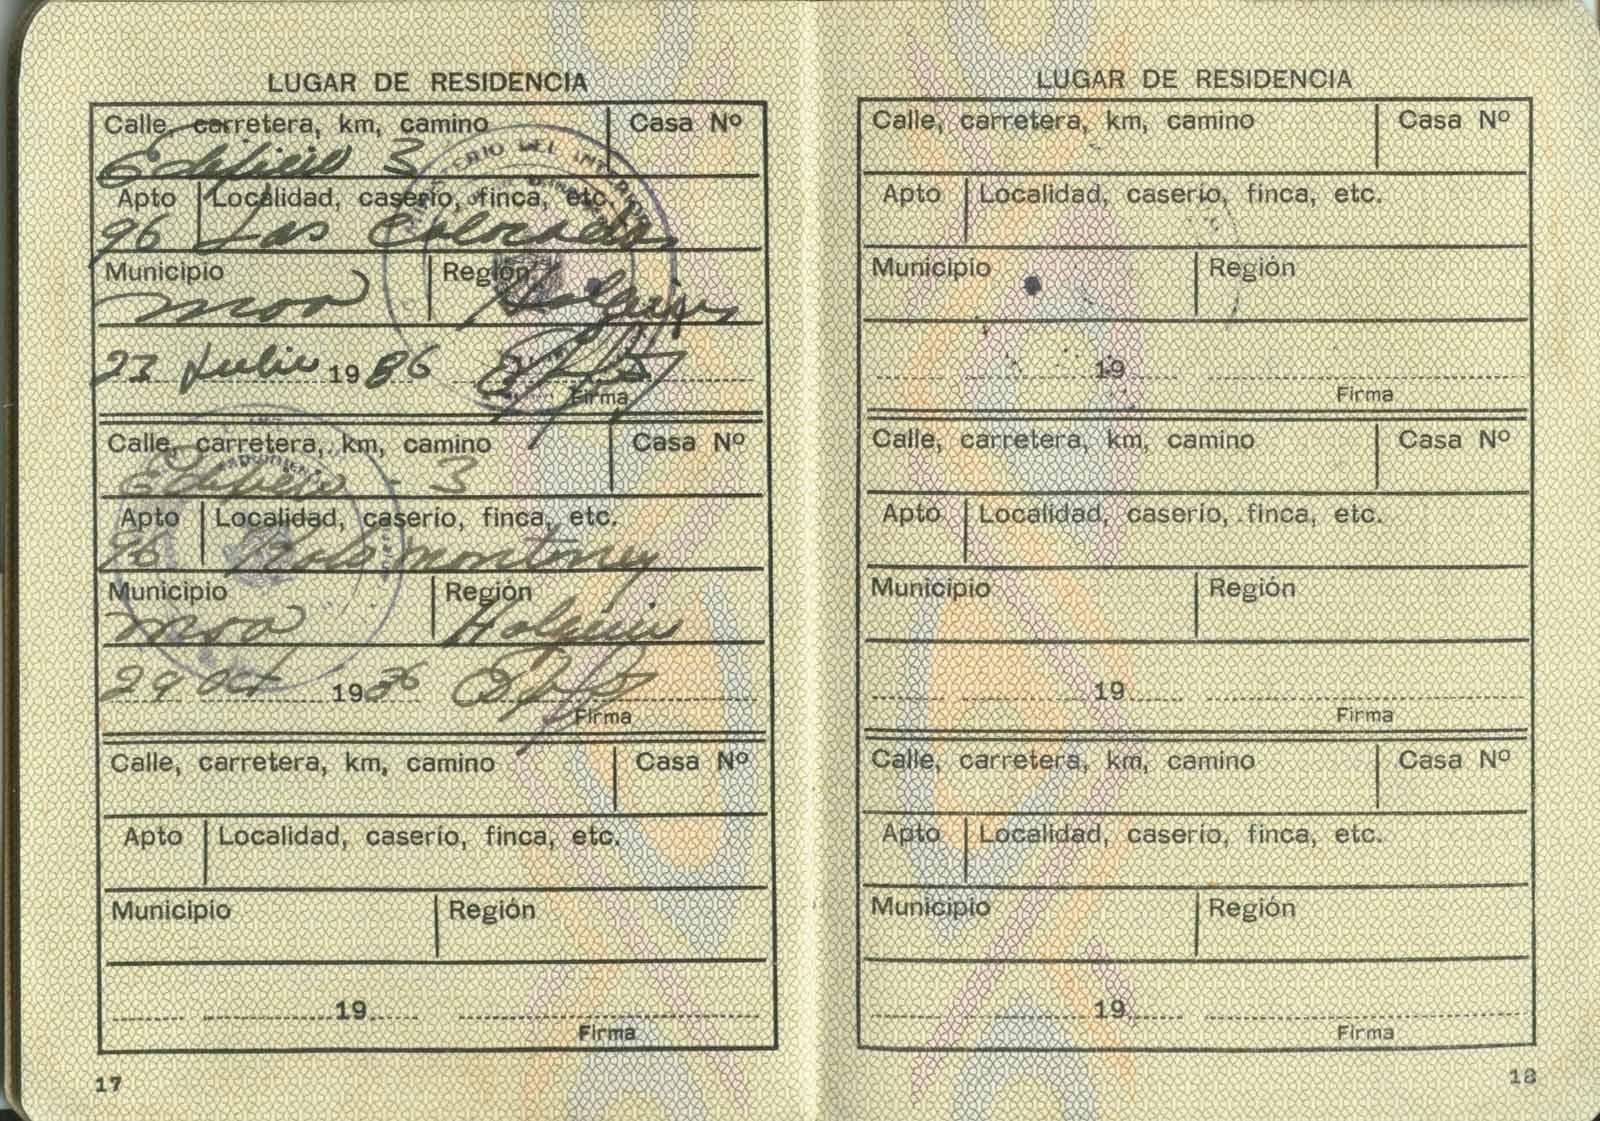 Удостоверение личности для иностранцев. Стр. 17-18